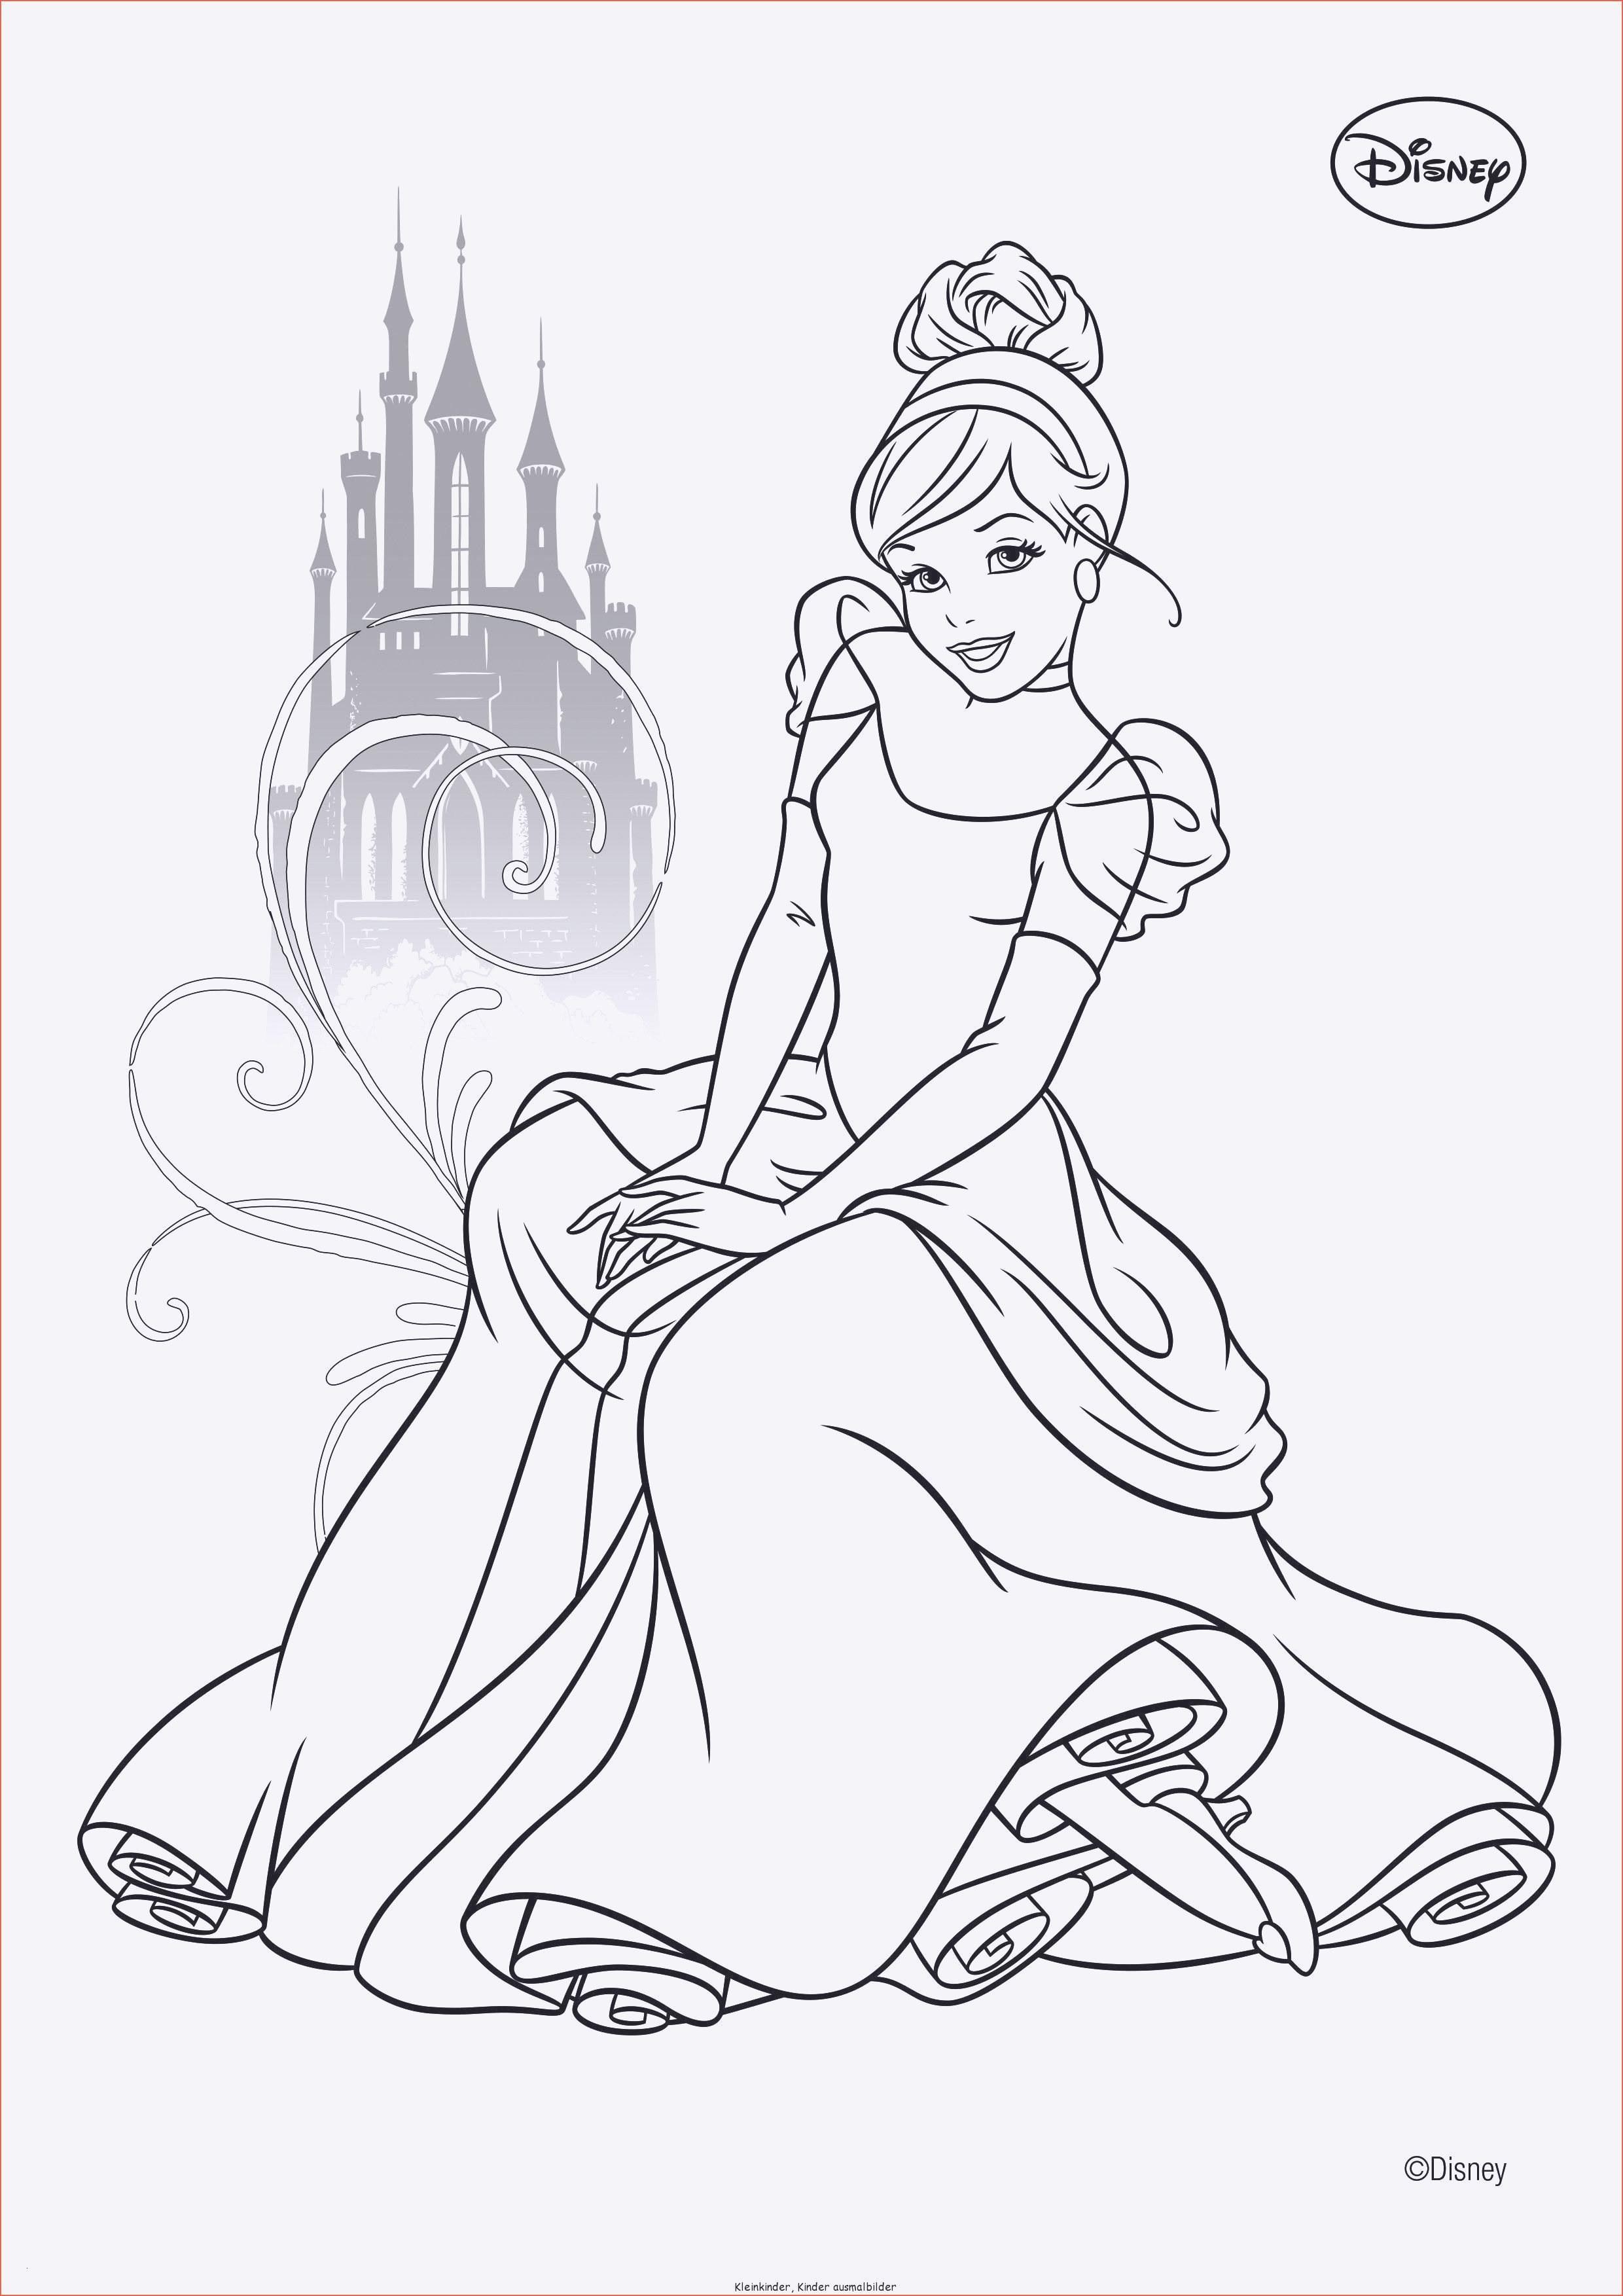 Elsa Und Anna Zum Ausmalen Genial Ausmalbilder Frozen Kostenlos Uploadertalk Best Ausmalbilder Elsa Bilder